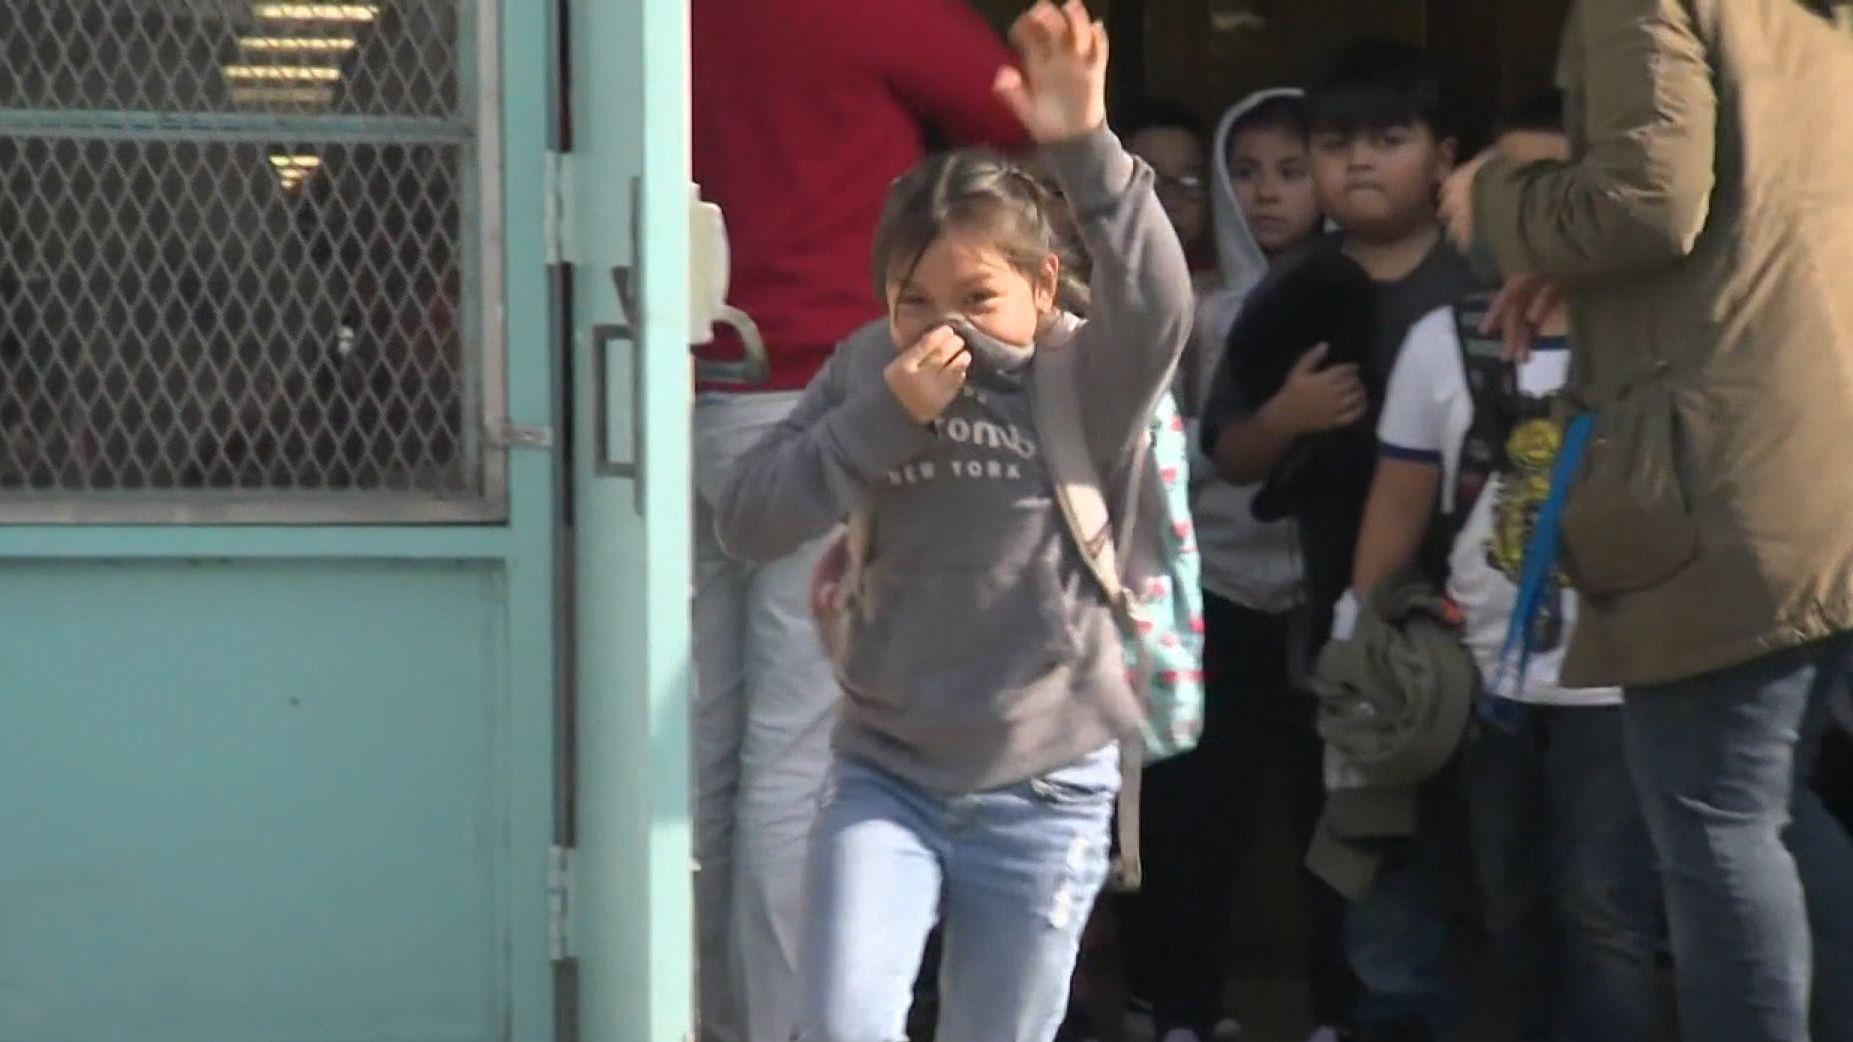 Nach der Kerosindusche: Kinder dürfen das Schulgebäude verlassen.